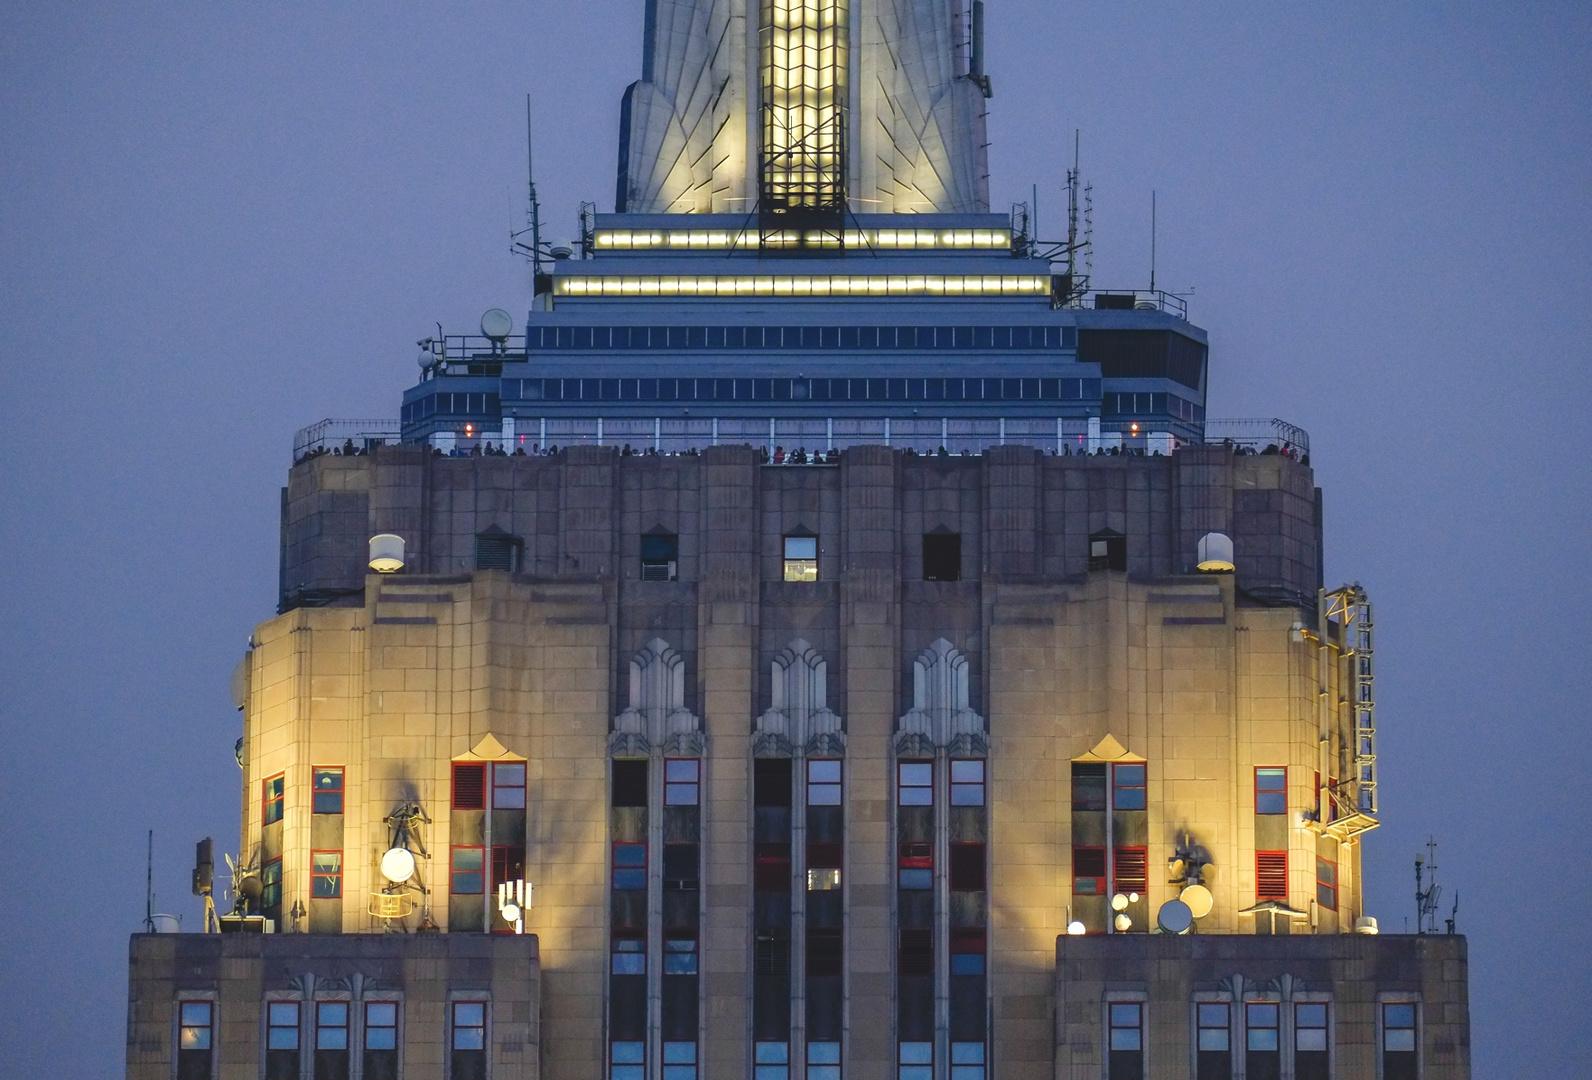 Blick zur Aussichtsplattform des Empire State Buildings in der 86. Etage